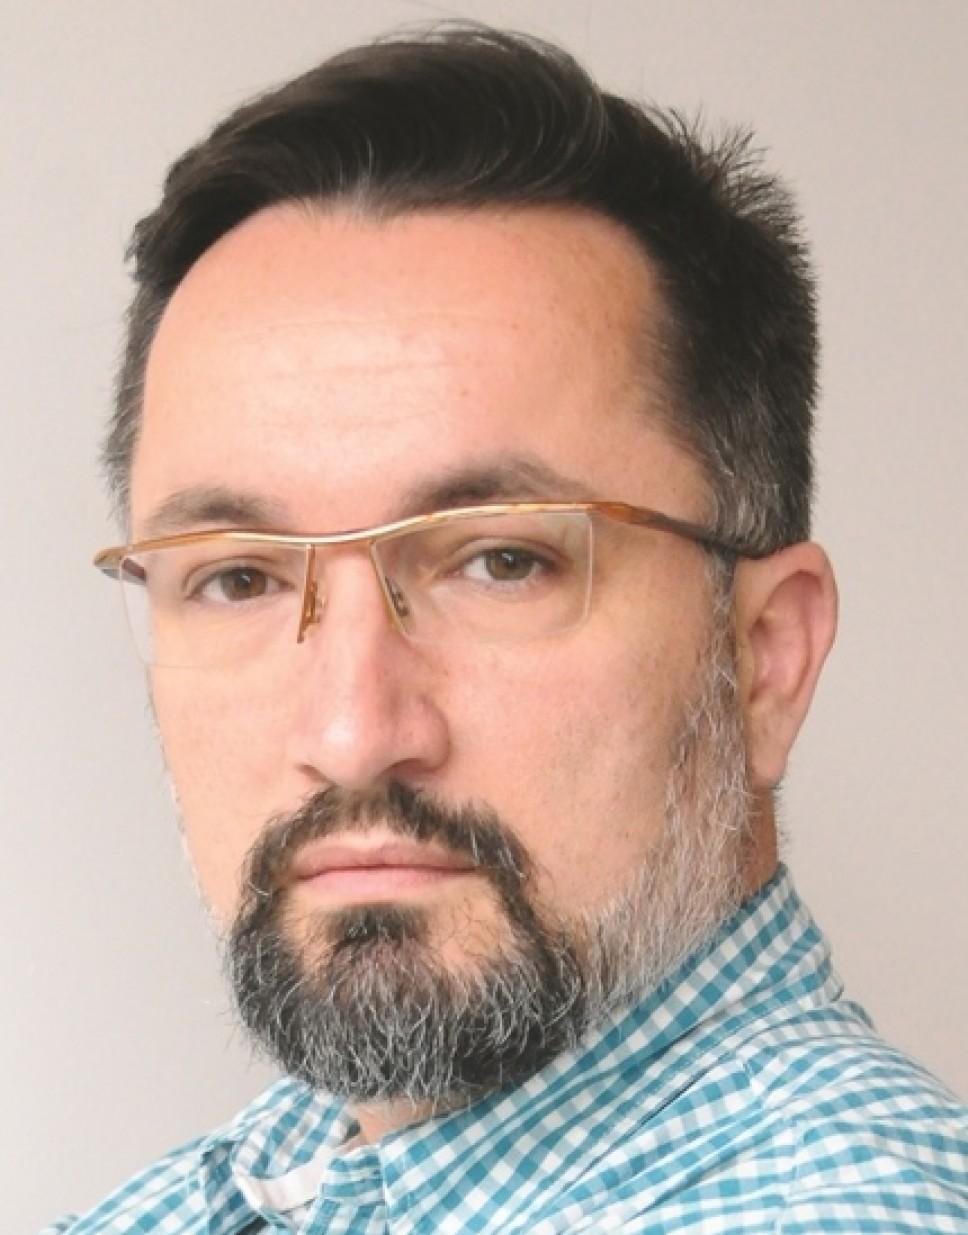 Biografija - Lučić Dejan